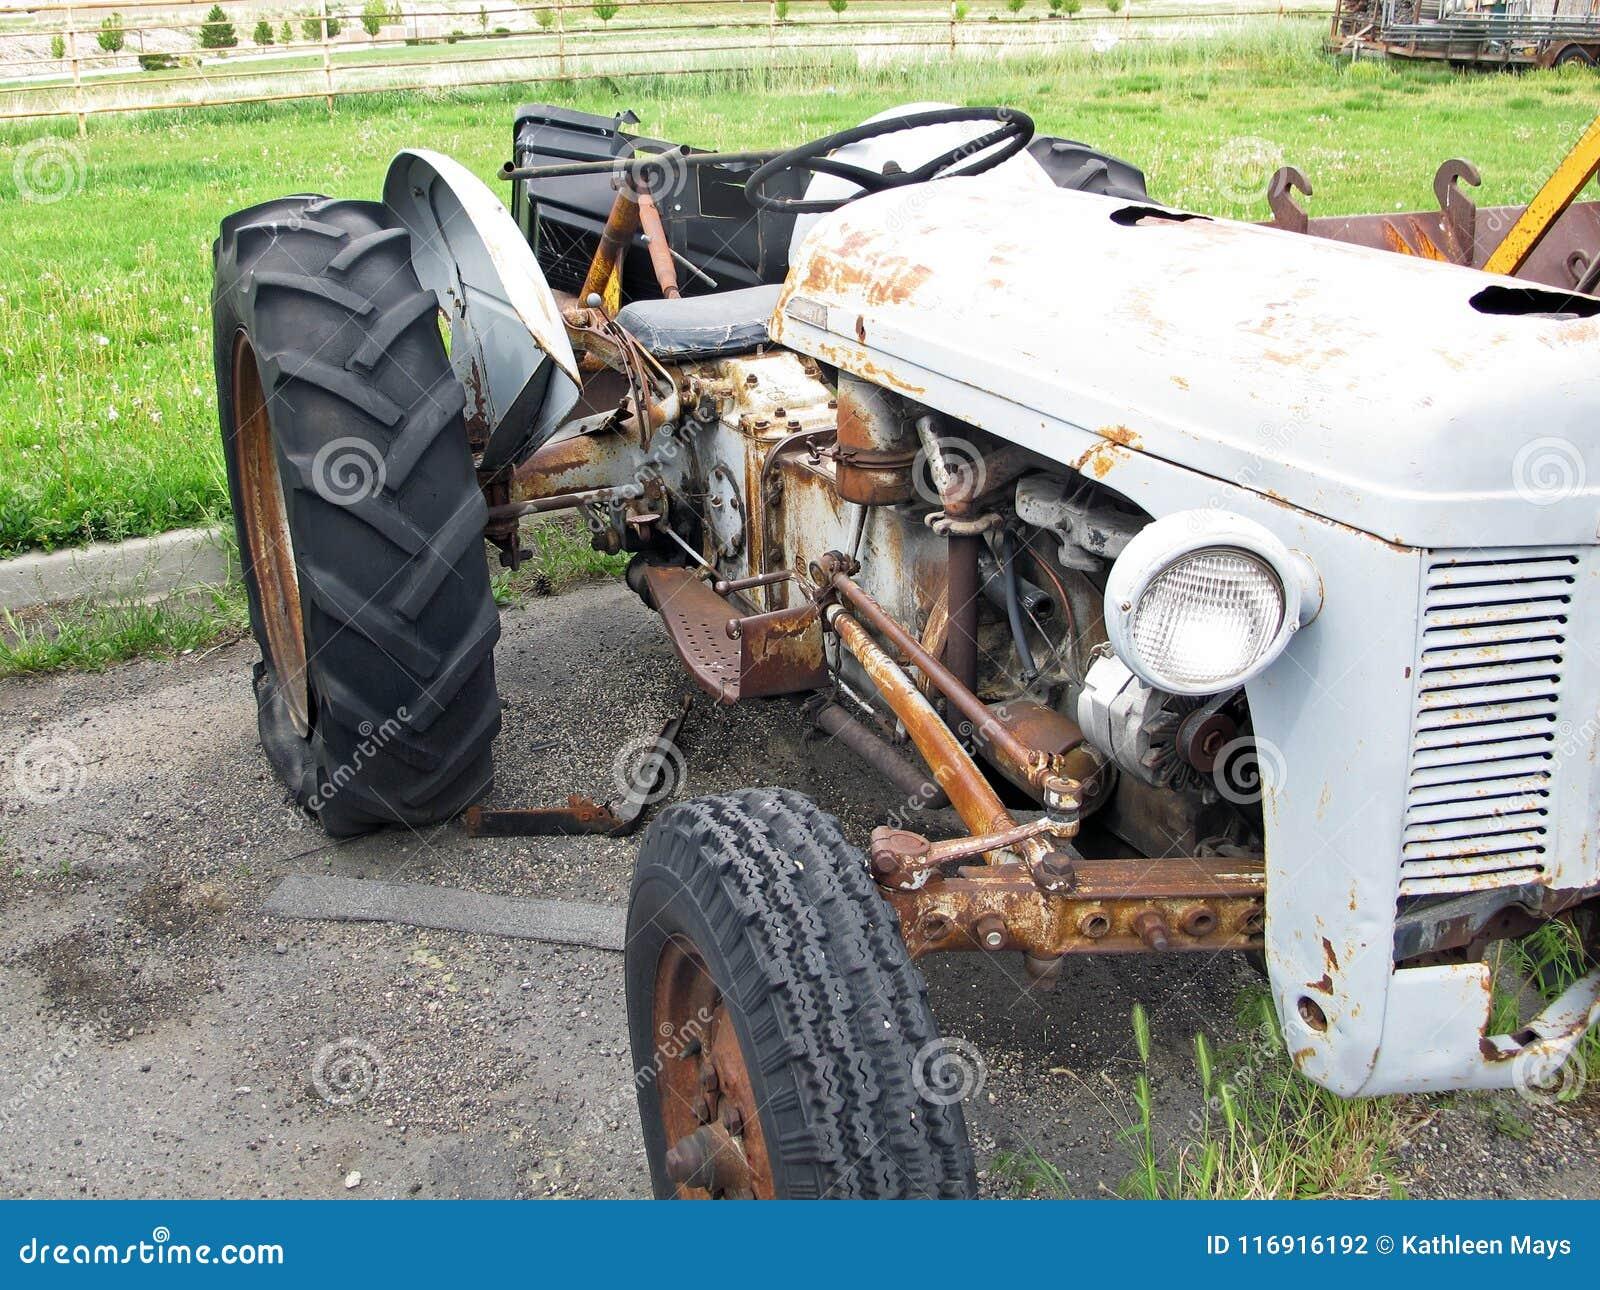 Abandonded Uitstekend Rusty Tractor Needing Repairs